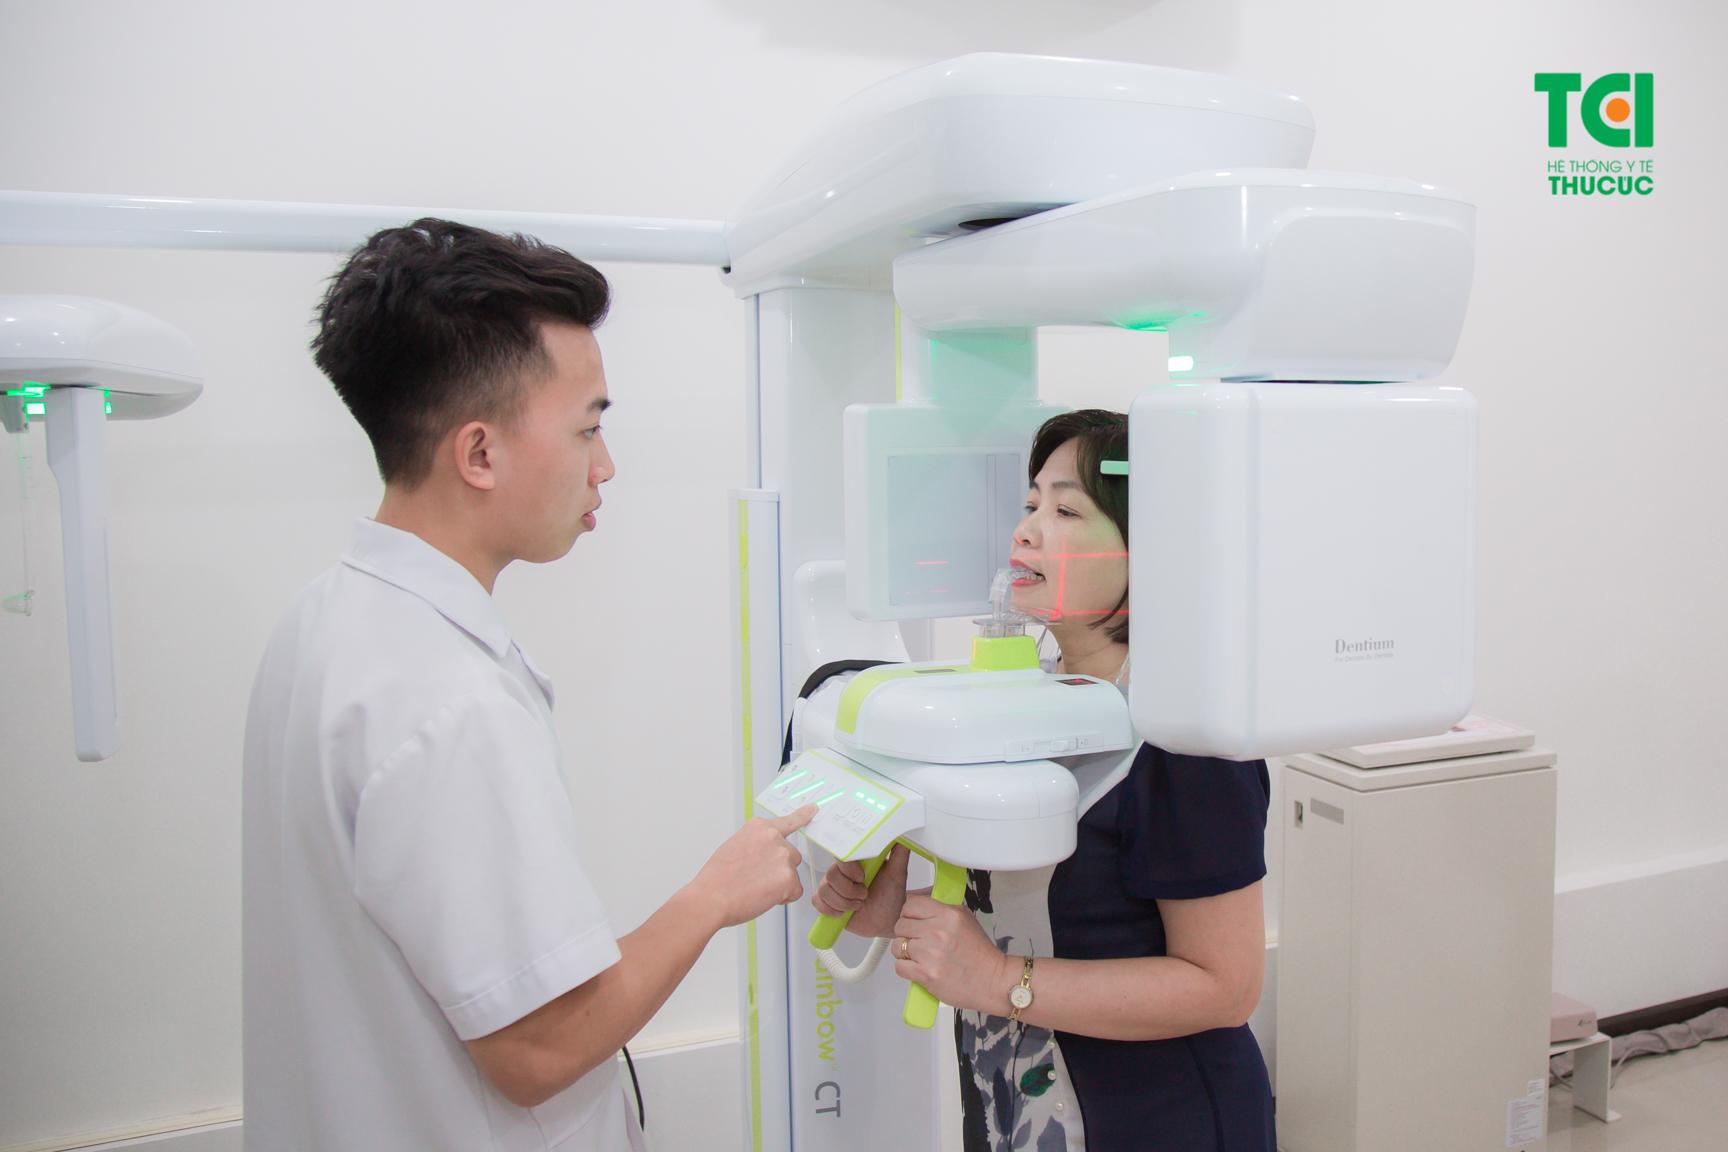 Thiết bị chụp X Quang răng đang được sử dụng trong toàn Hệ thống Y tế Thu Cúc